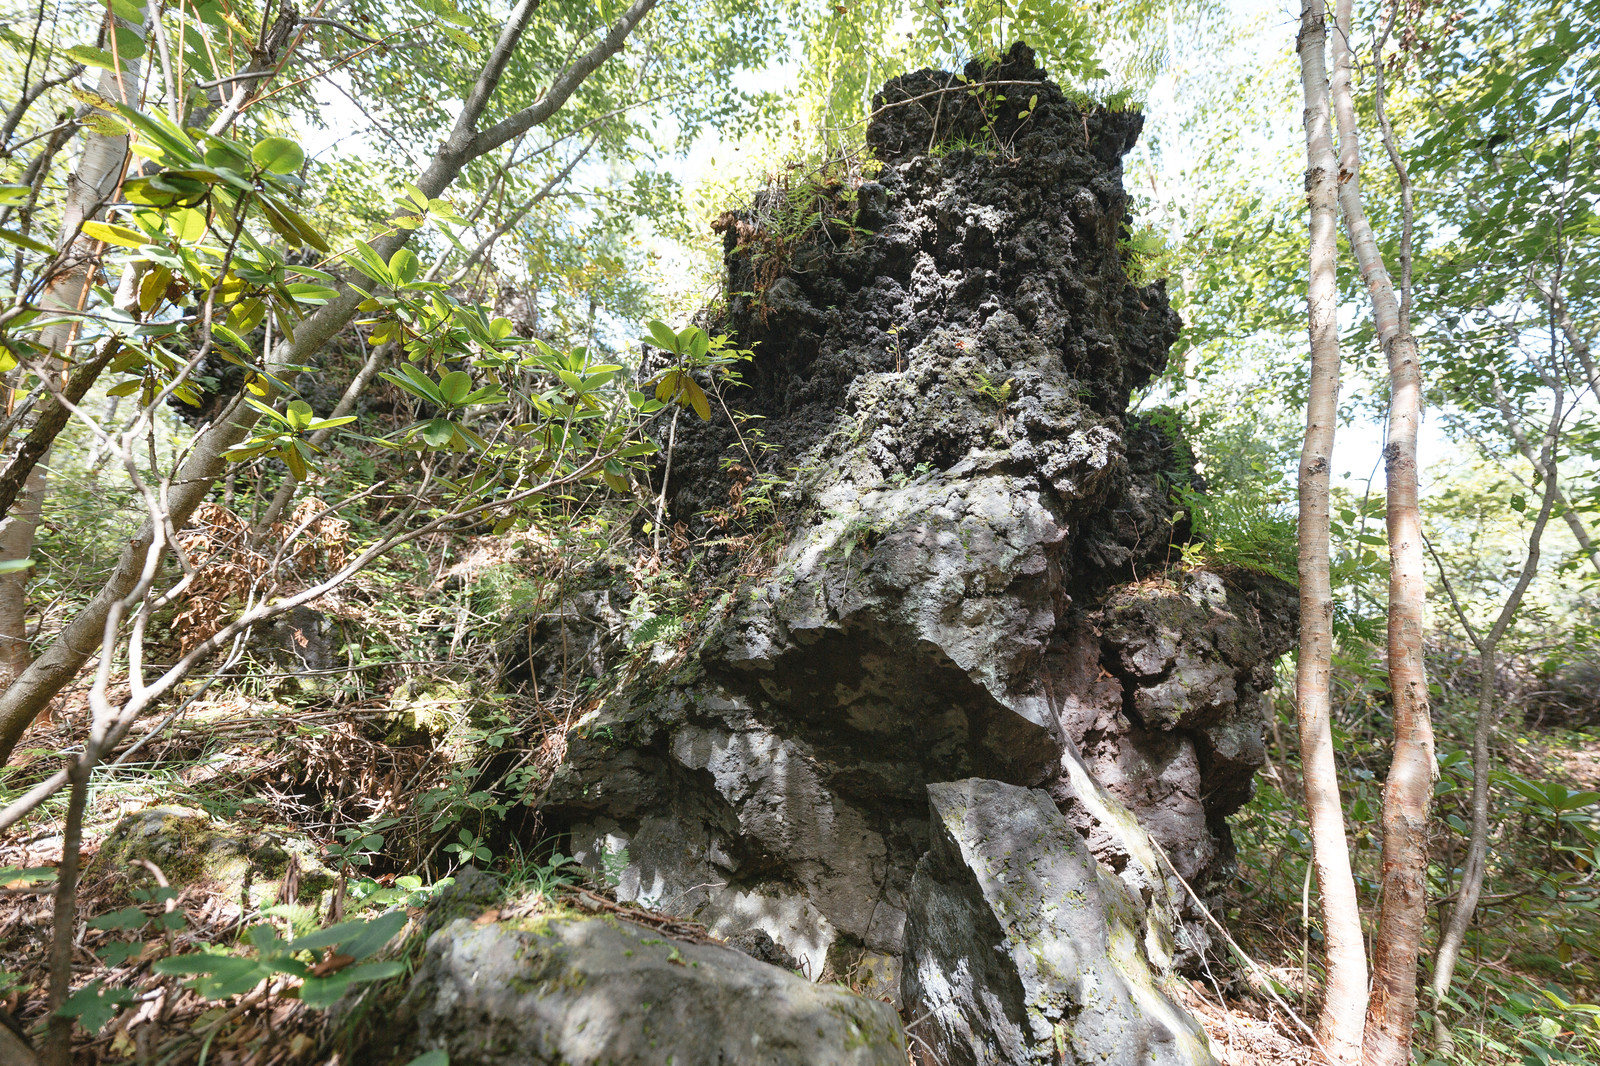 「鬼押出しの二層になった溶岩(下が噴出時の溶岩、上がドロドロに流出した溶岩)」の写真